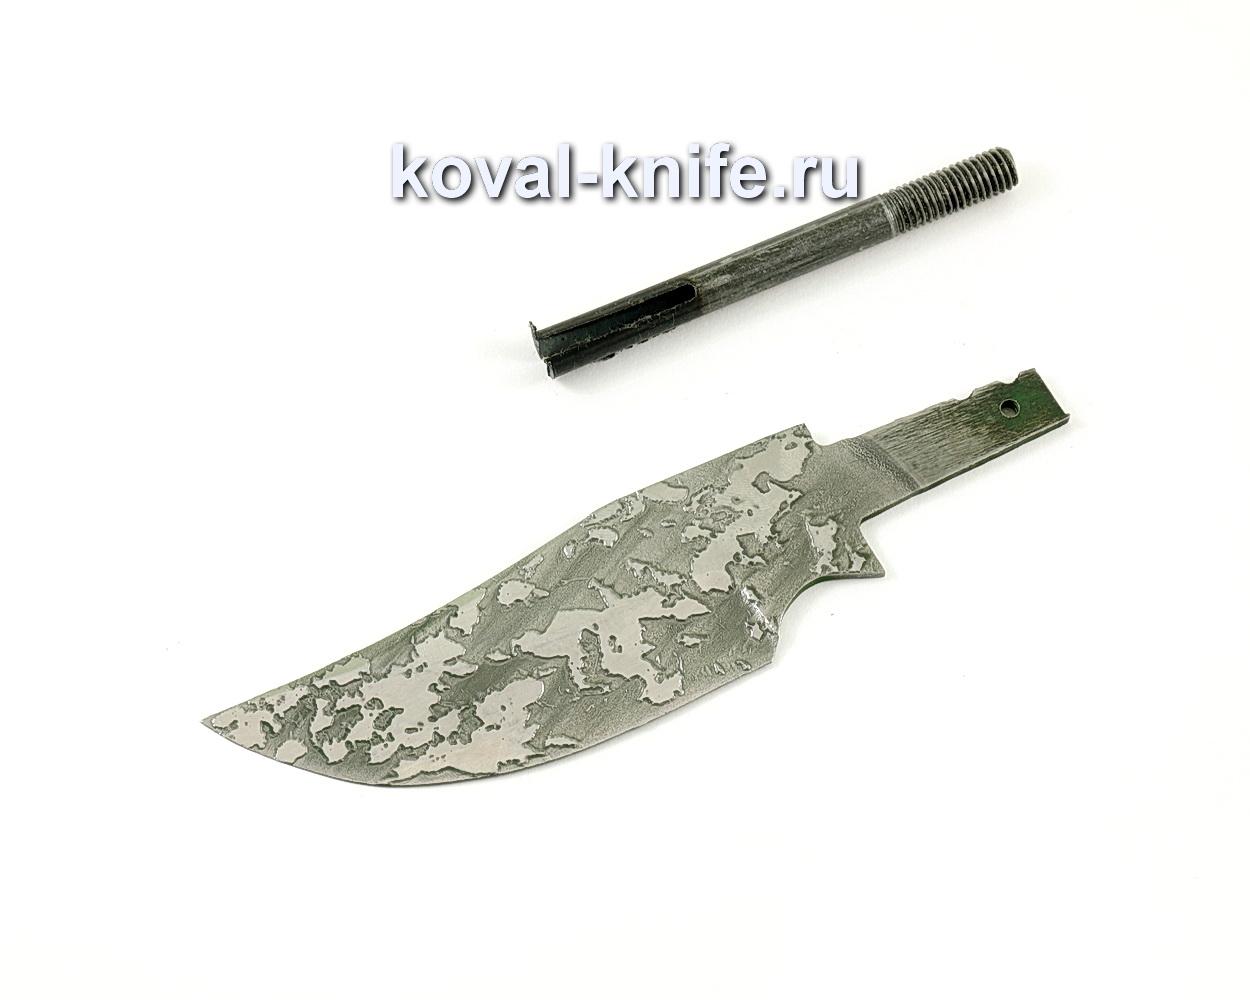 Клинок для ножа Бекас (кованая сталь 95Х18, травление)